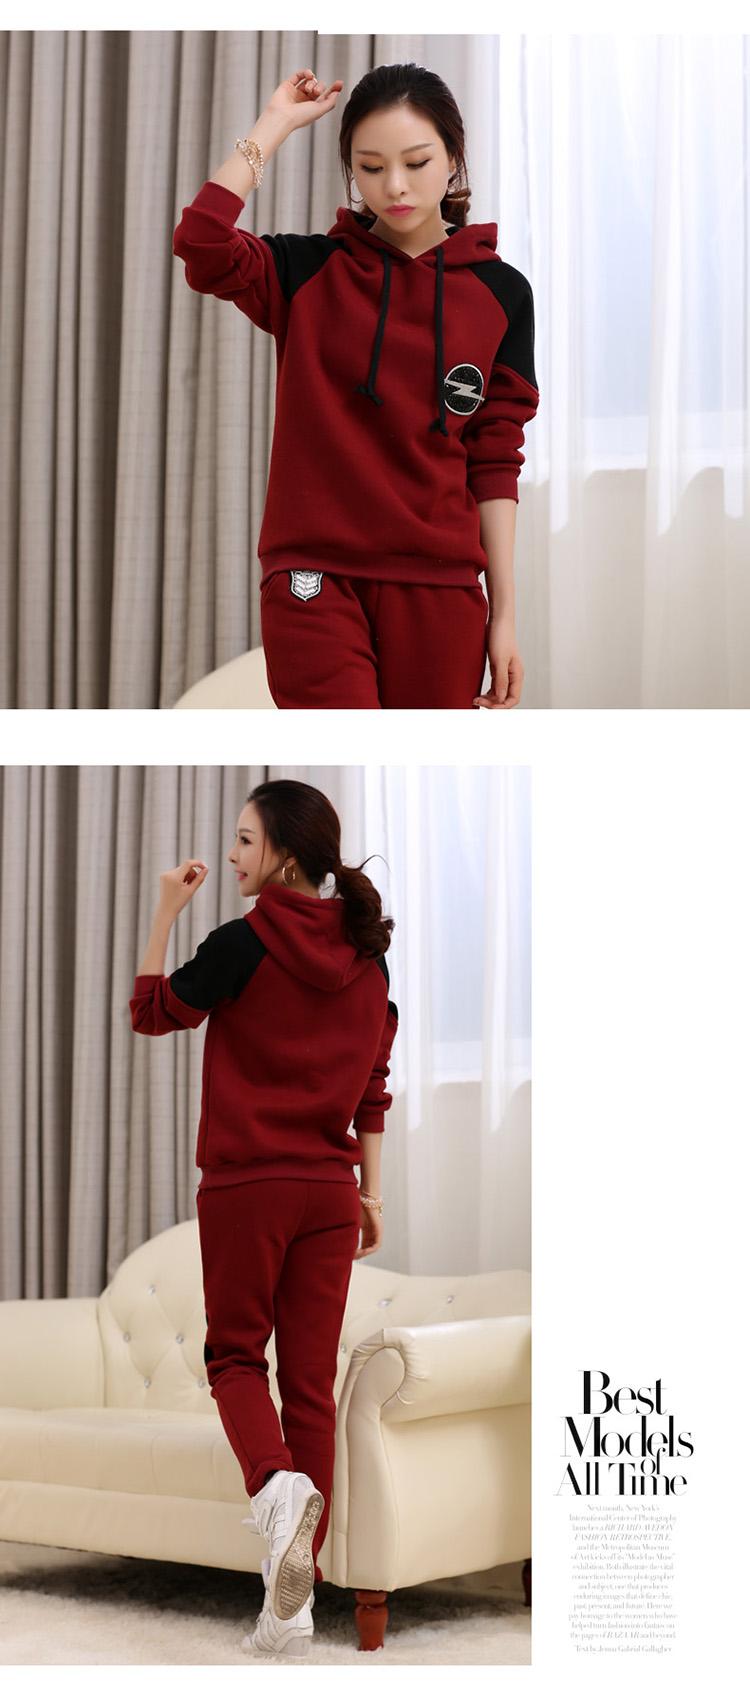 模特展示-酒红色3.jpg